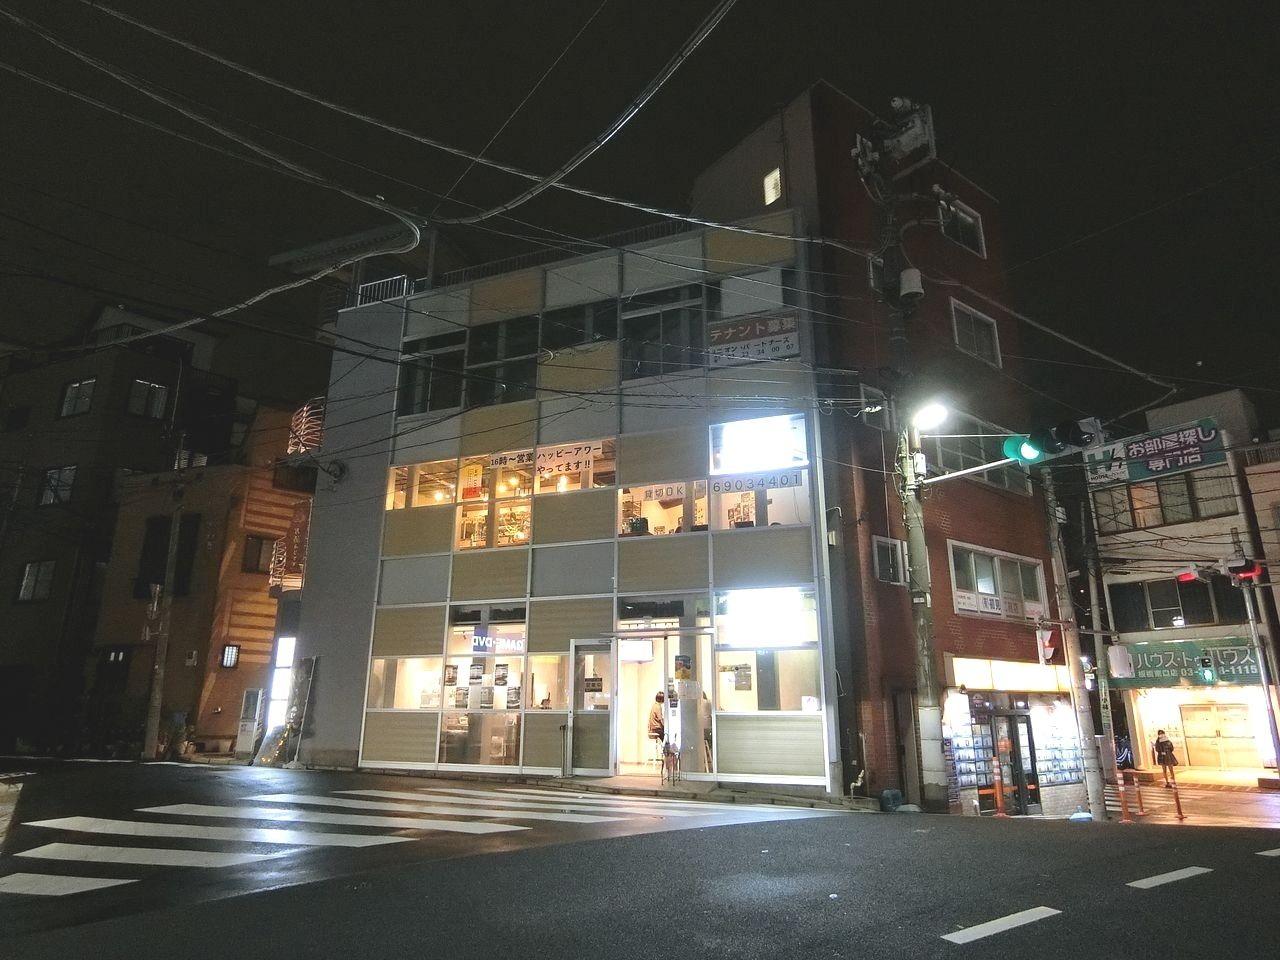 JR埼京線「板橋駅」近くの酒肴バルonikai(オニカイ)